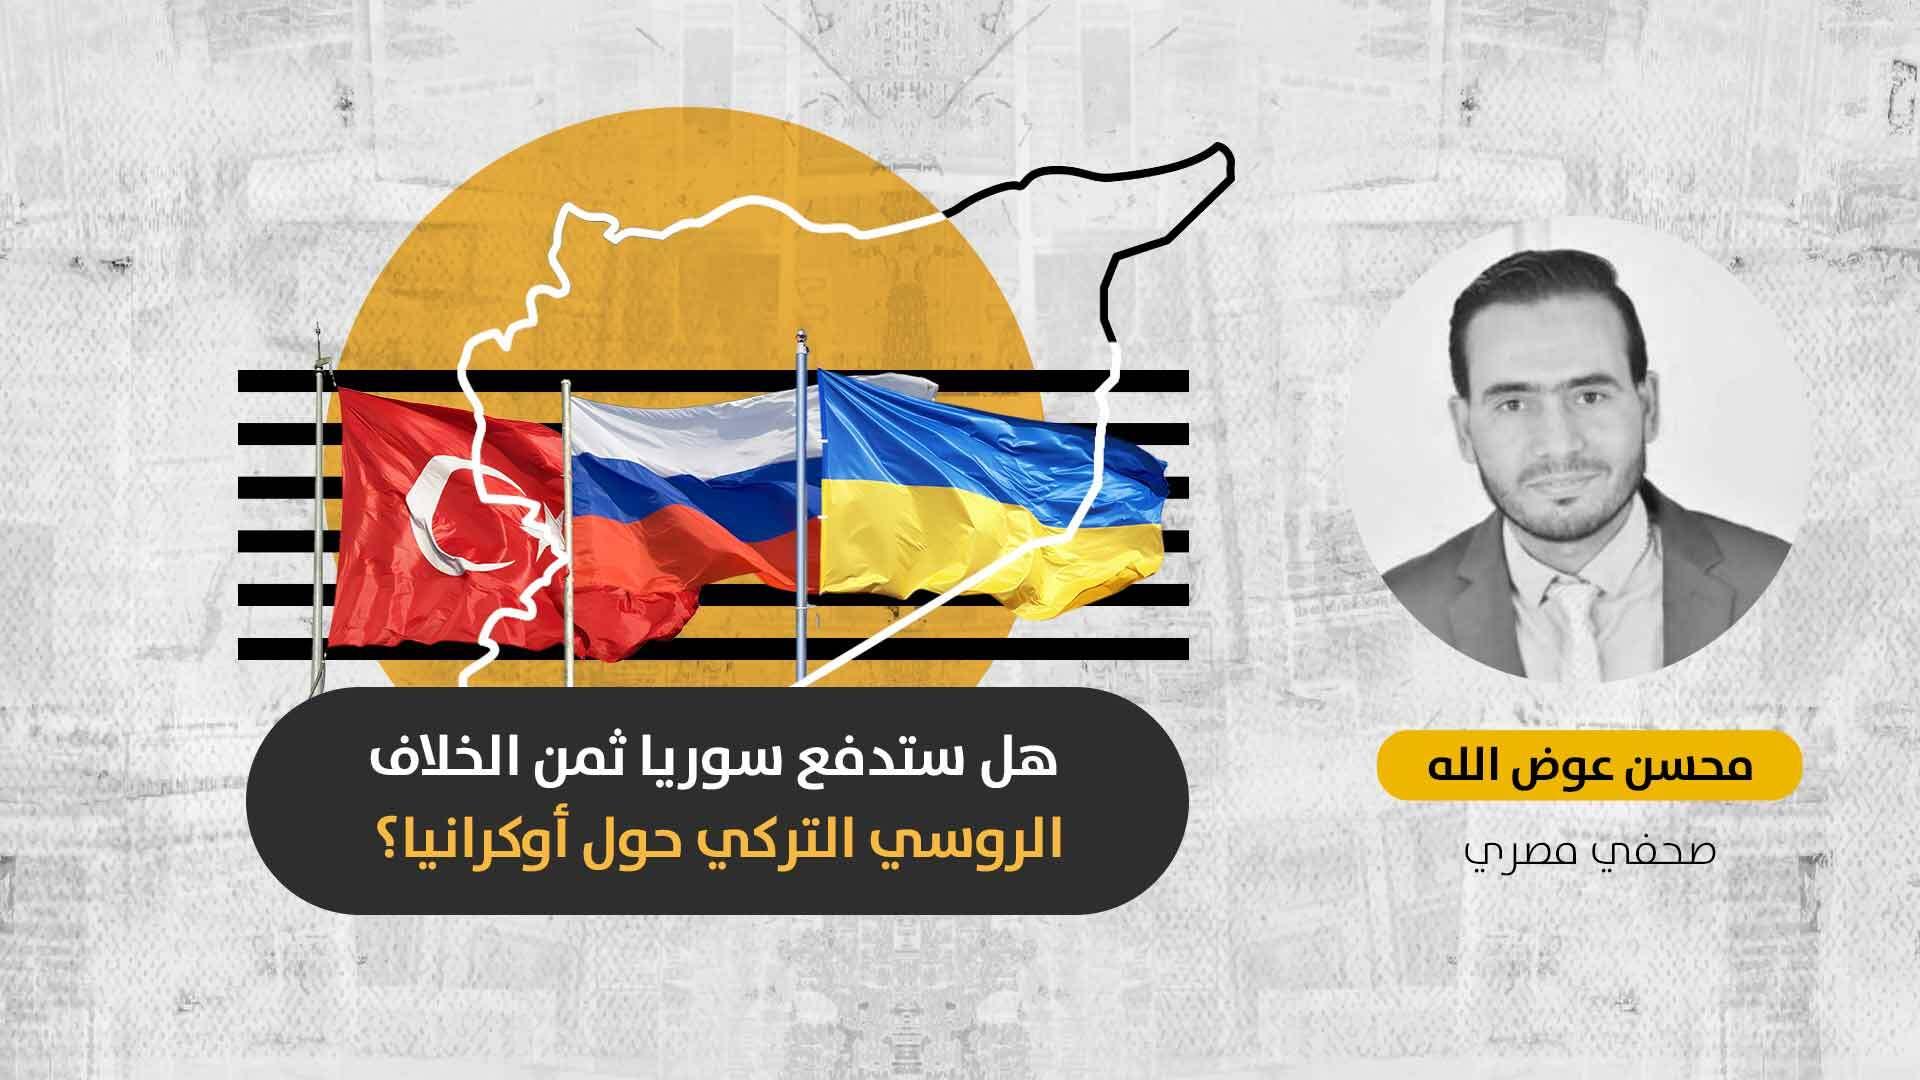 عقب تصاعد الأزمة الأوكرانية: هل سيؤثر الخلاف التركي-الروسي على توافقات البلدين الهشة في سوريا؟